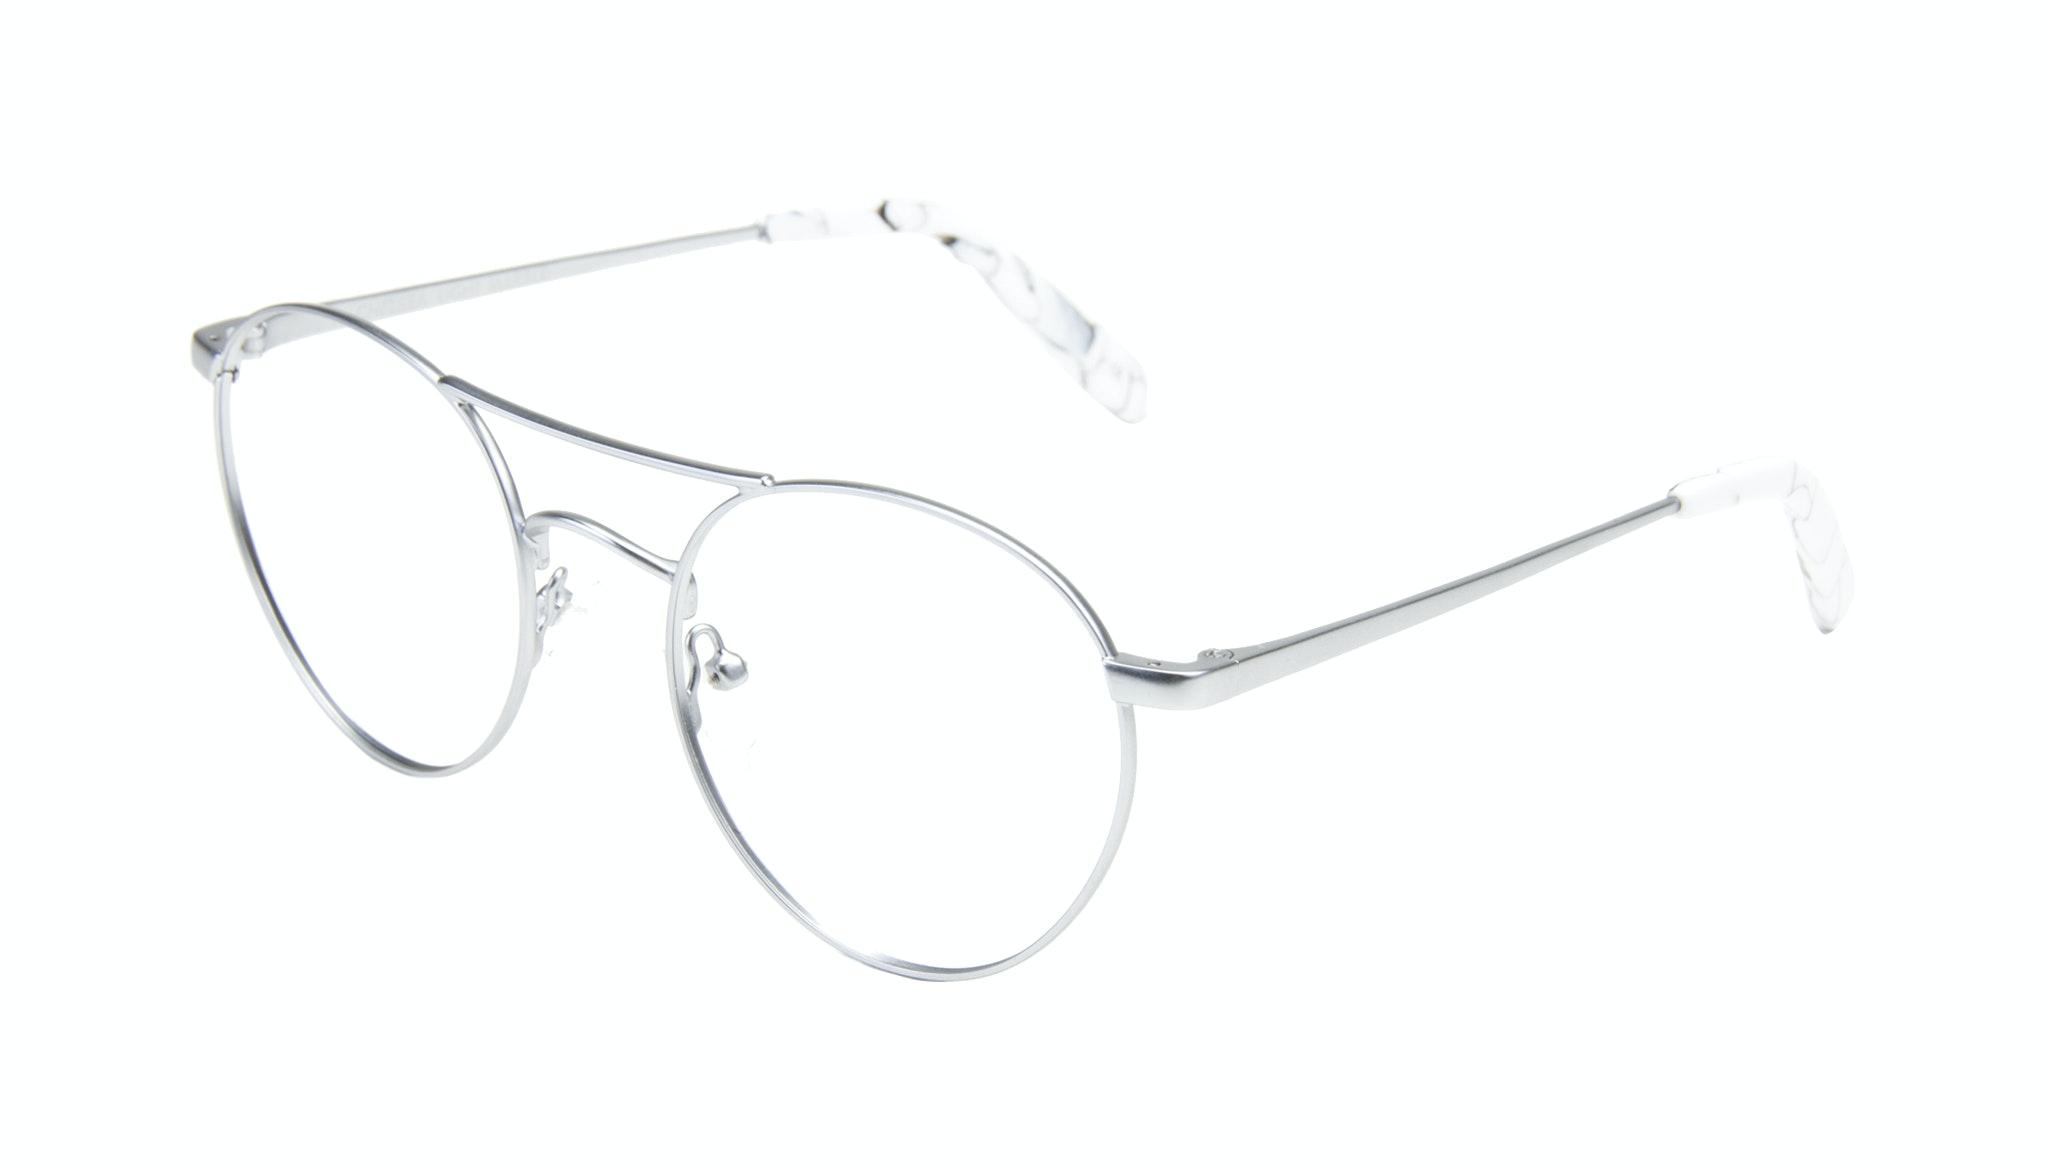 Affordable Fashion Glasses Aviator Round Eyeglasses Women Chelsea Light Marble Tilt